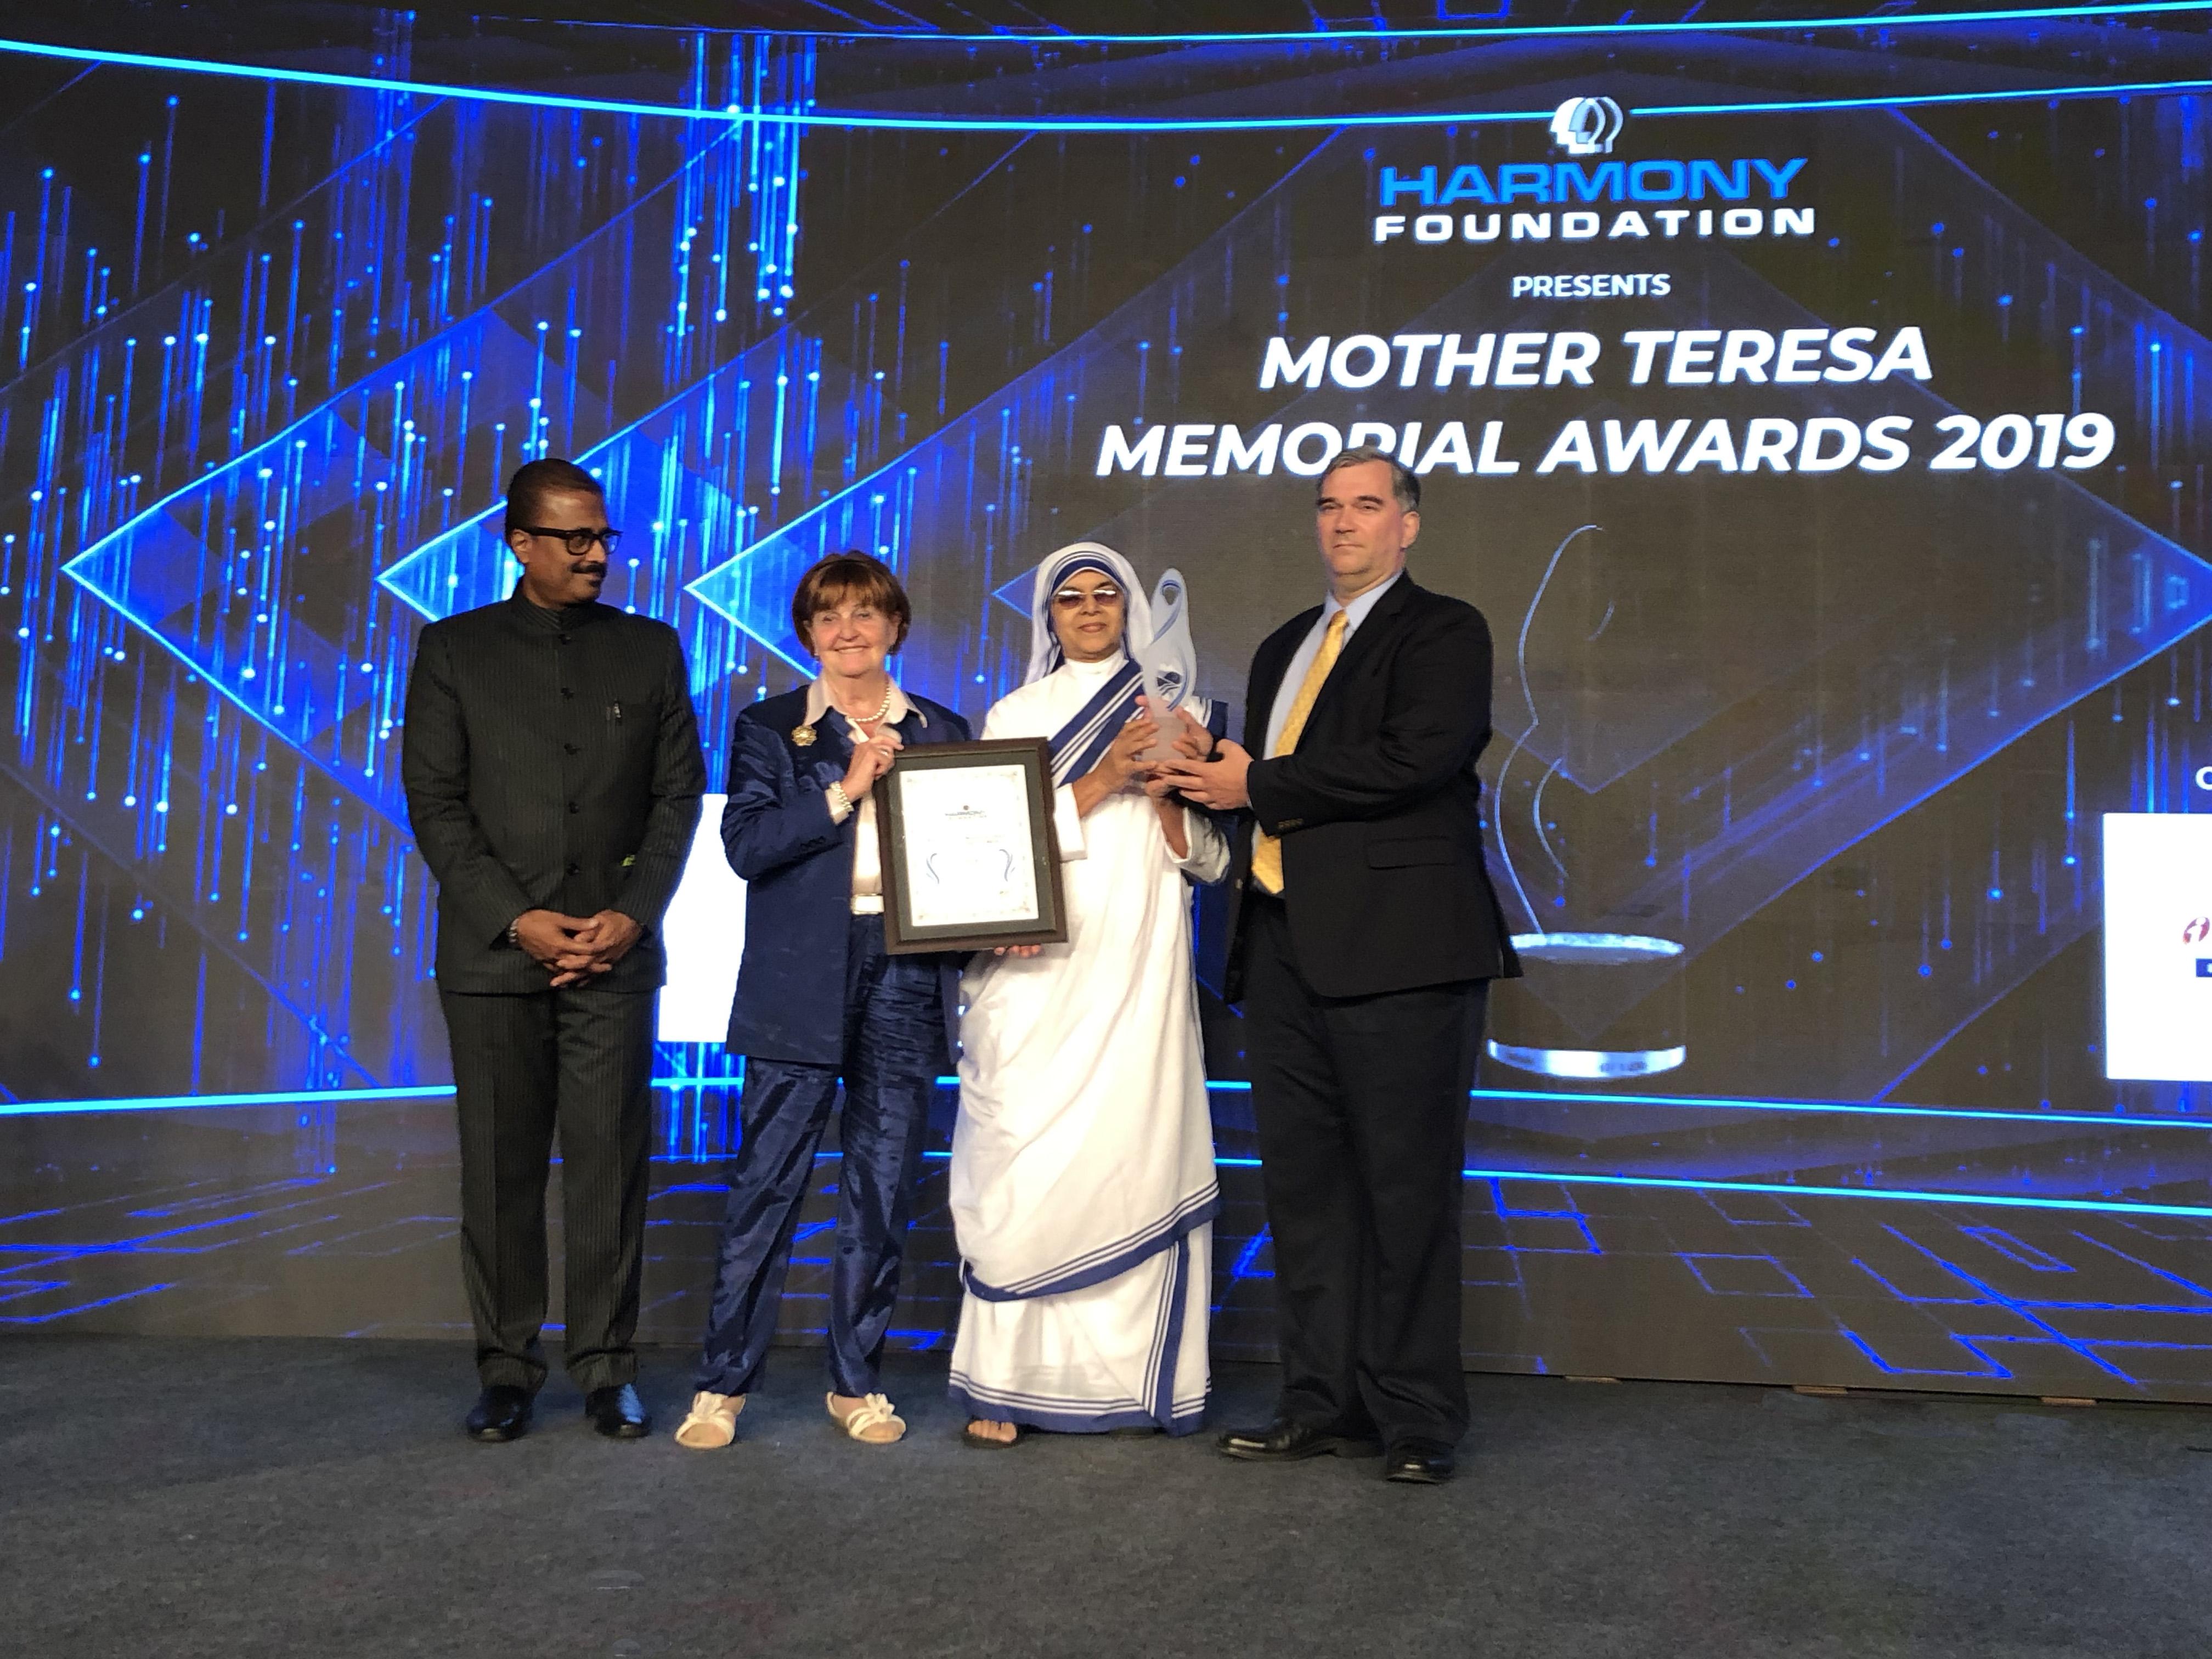 DAFOH вручена премия Матери Терезы за борьбу с извлечением органов